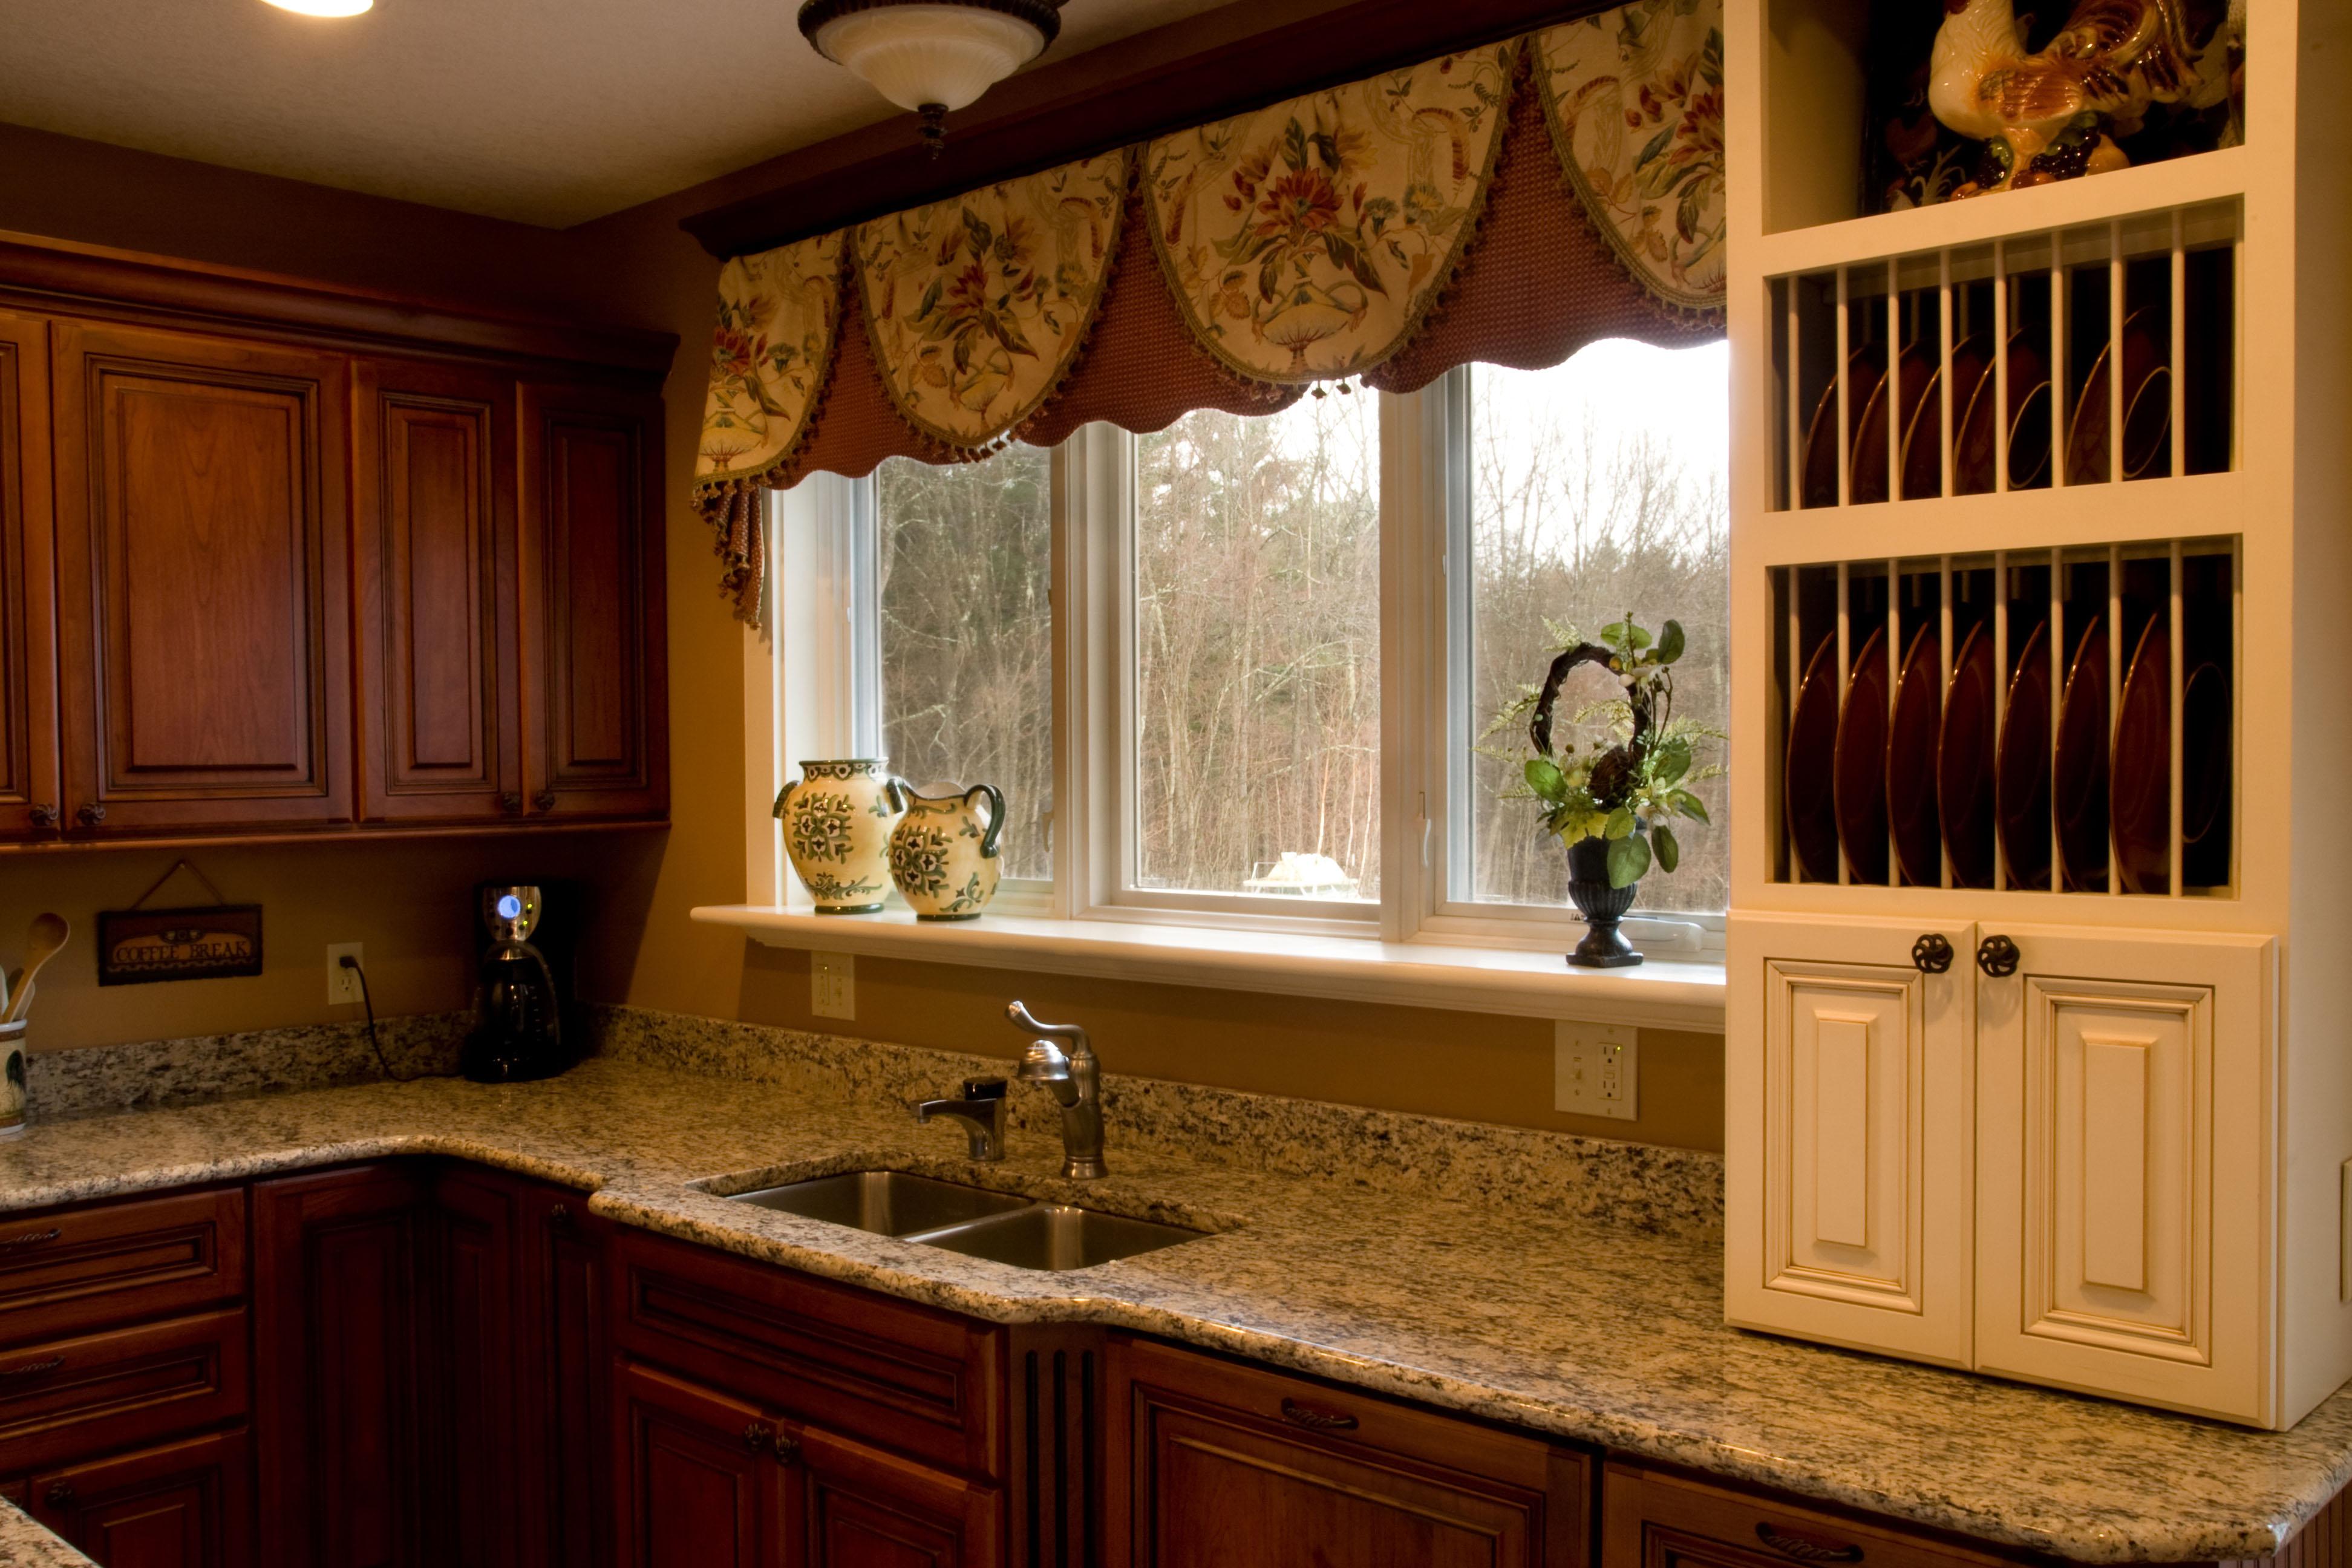 Kitchen valance curtains photo - 1